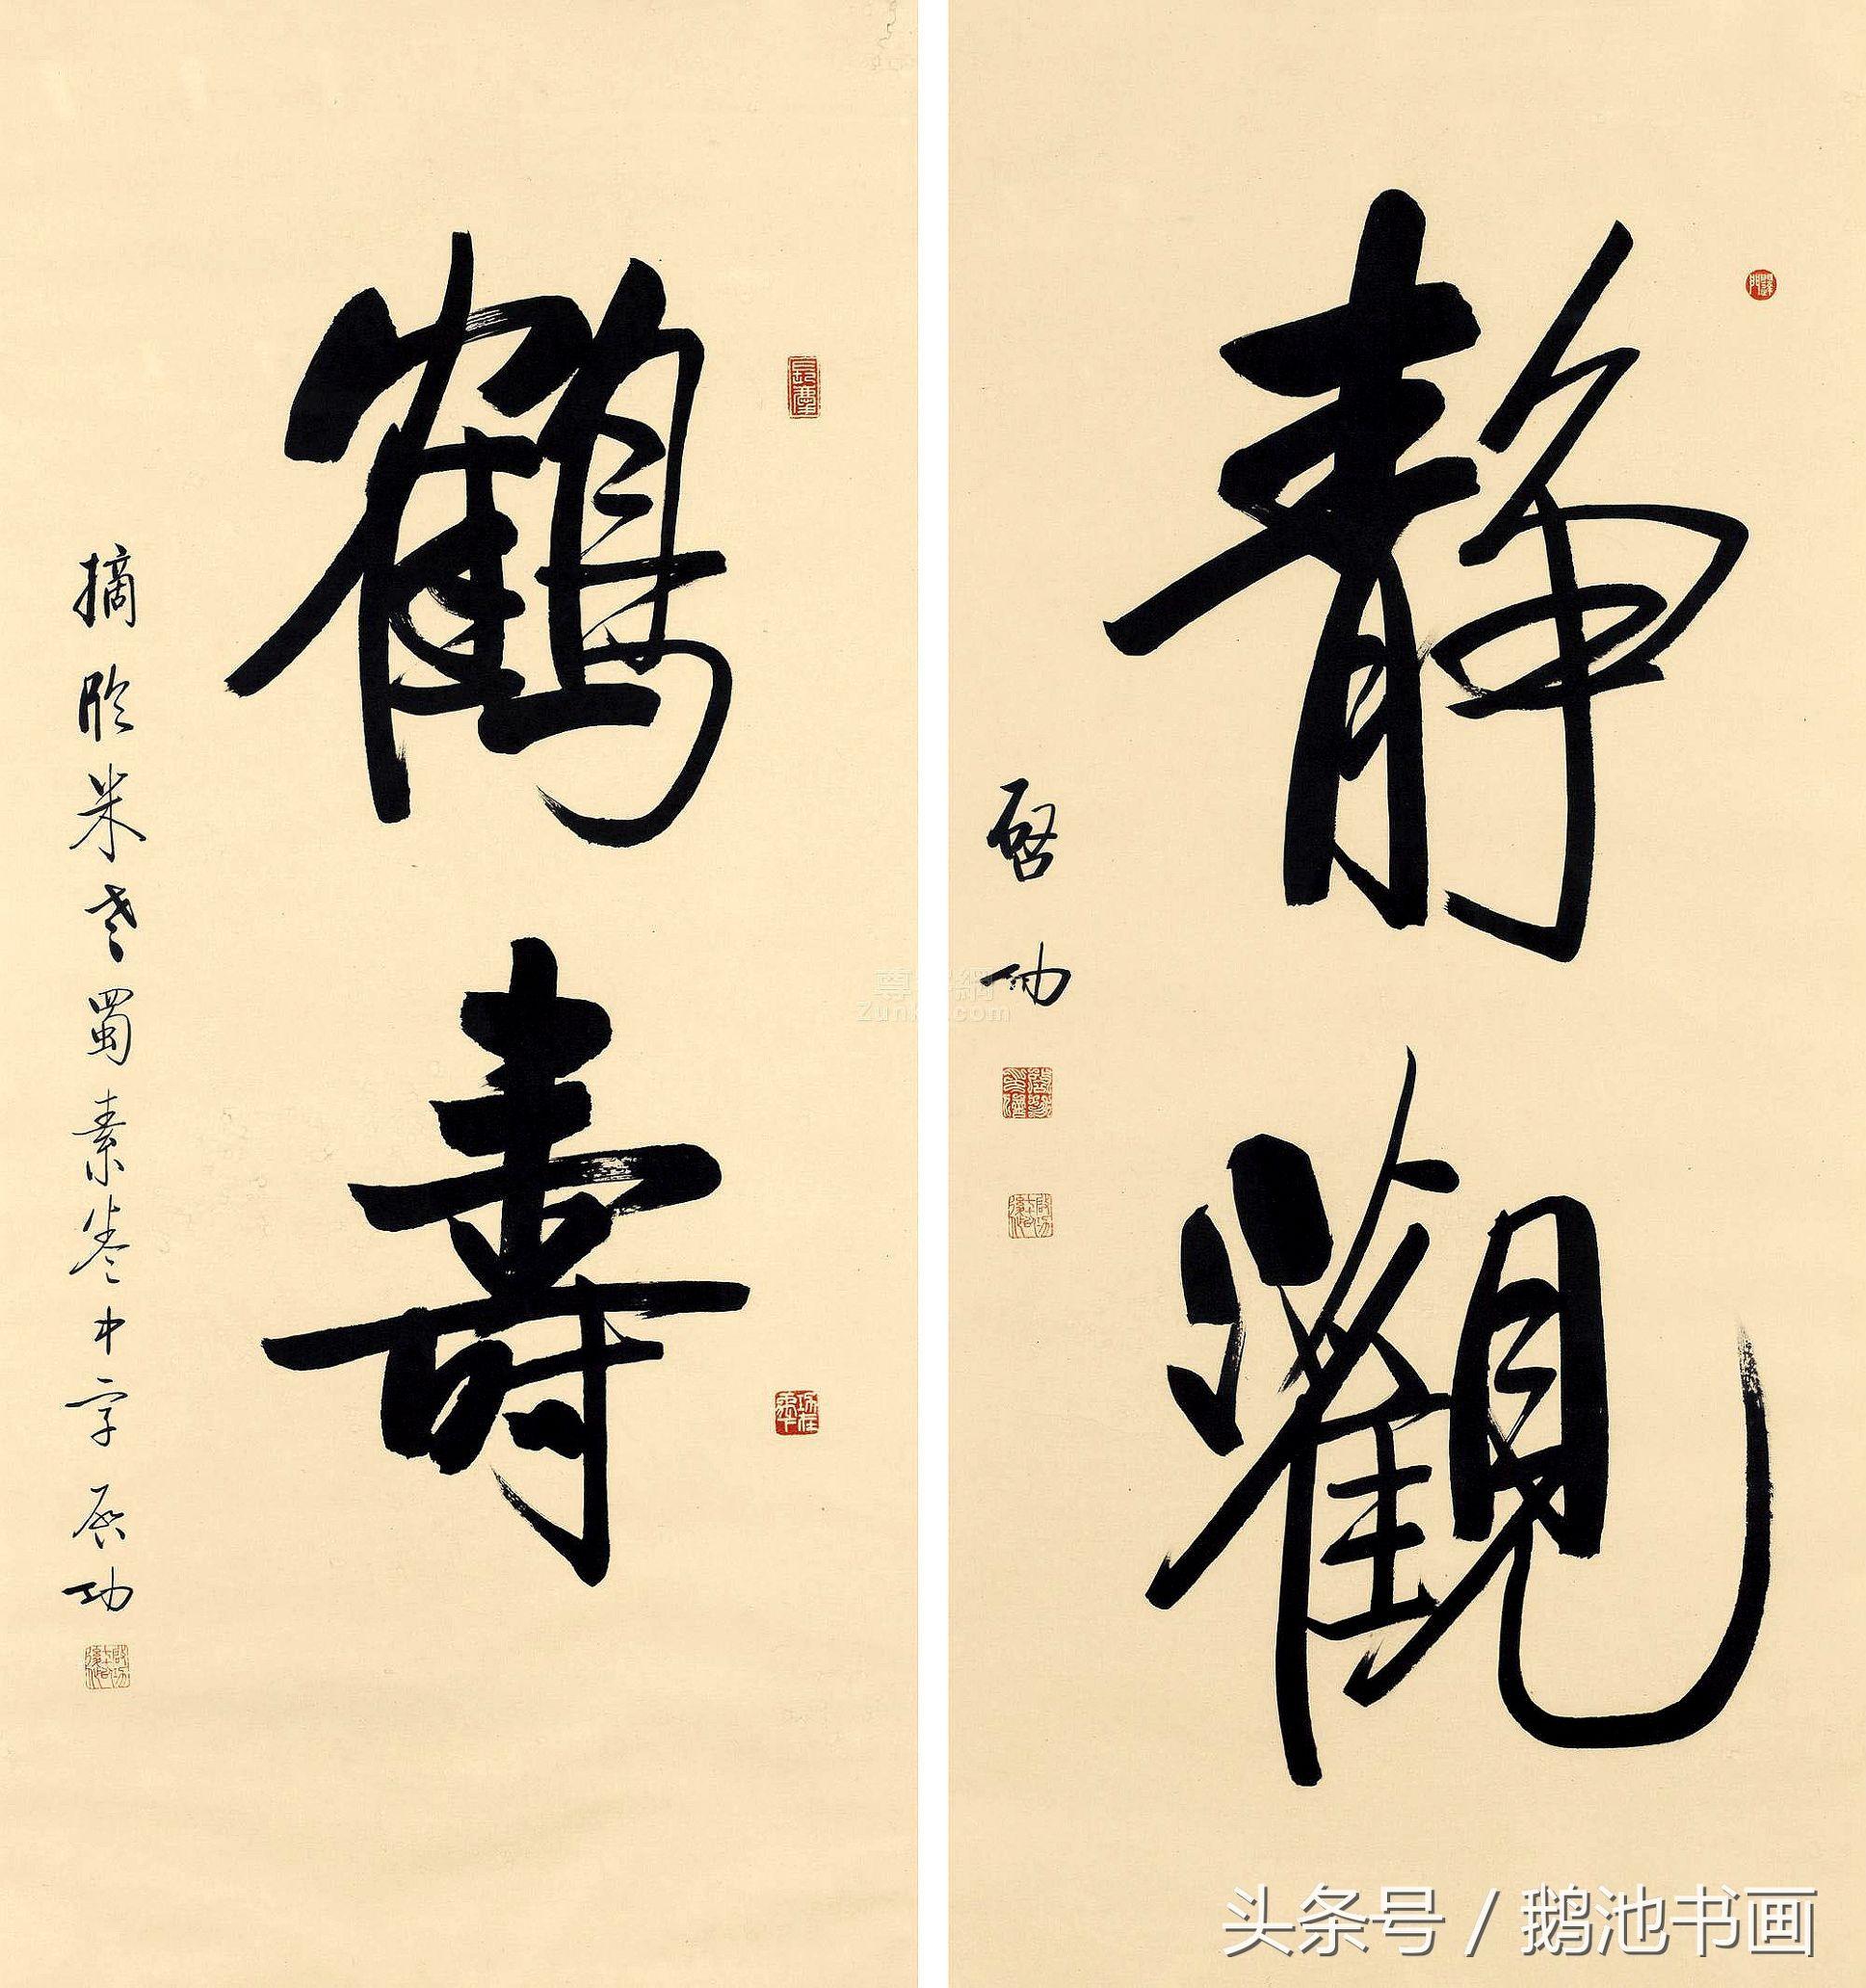 启功书法,鹤寿,静观.